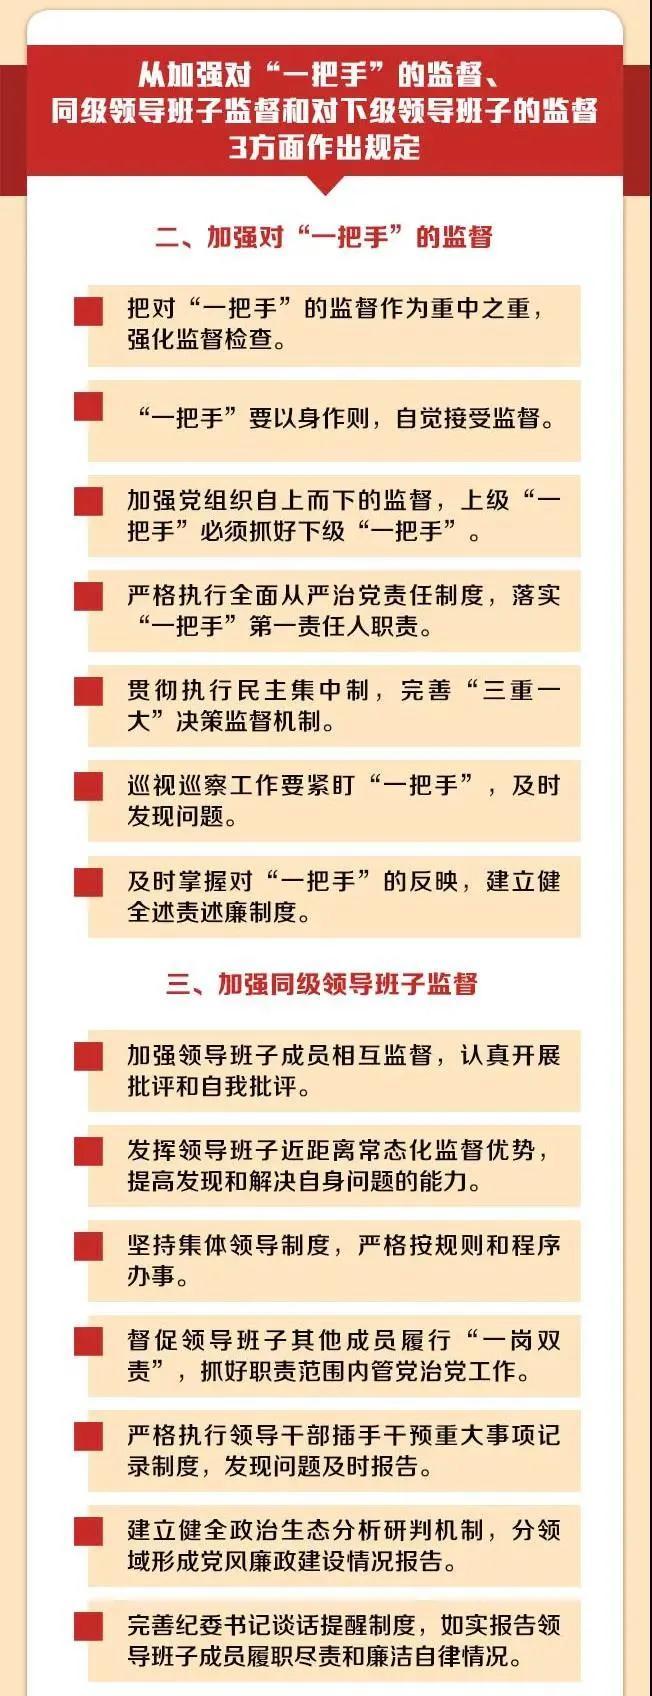 """圖解《中共中央關于加強對""""一把手""""和領導班子監督的意見》"""